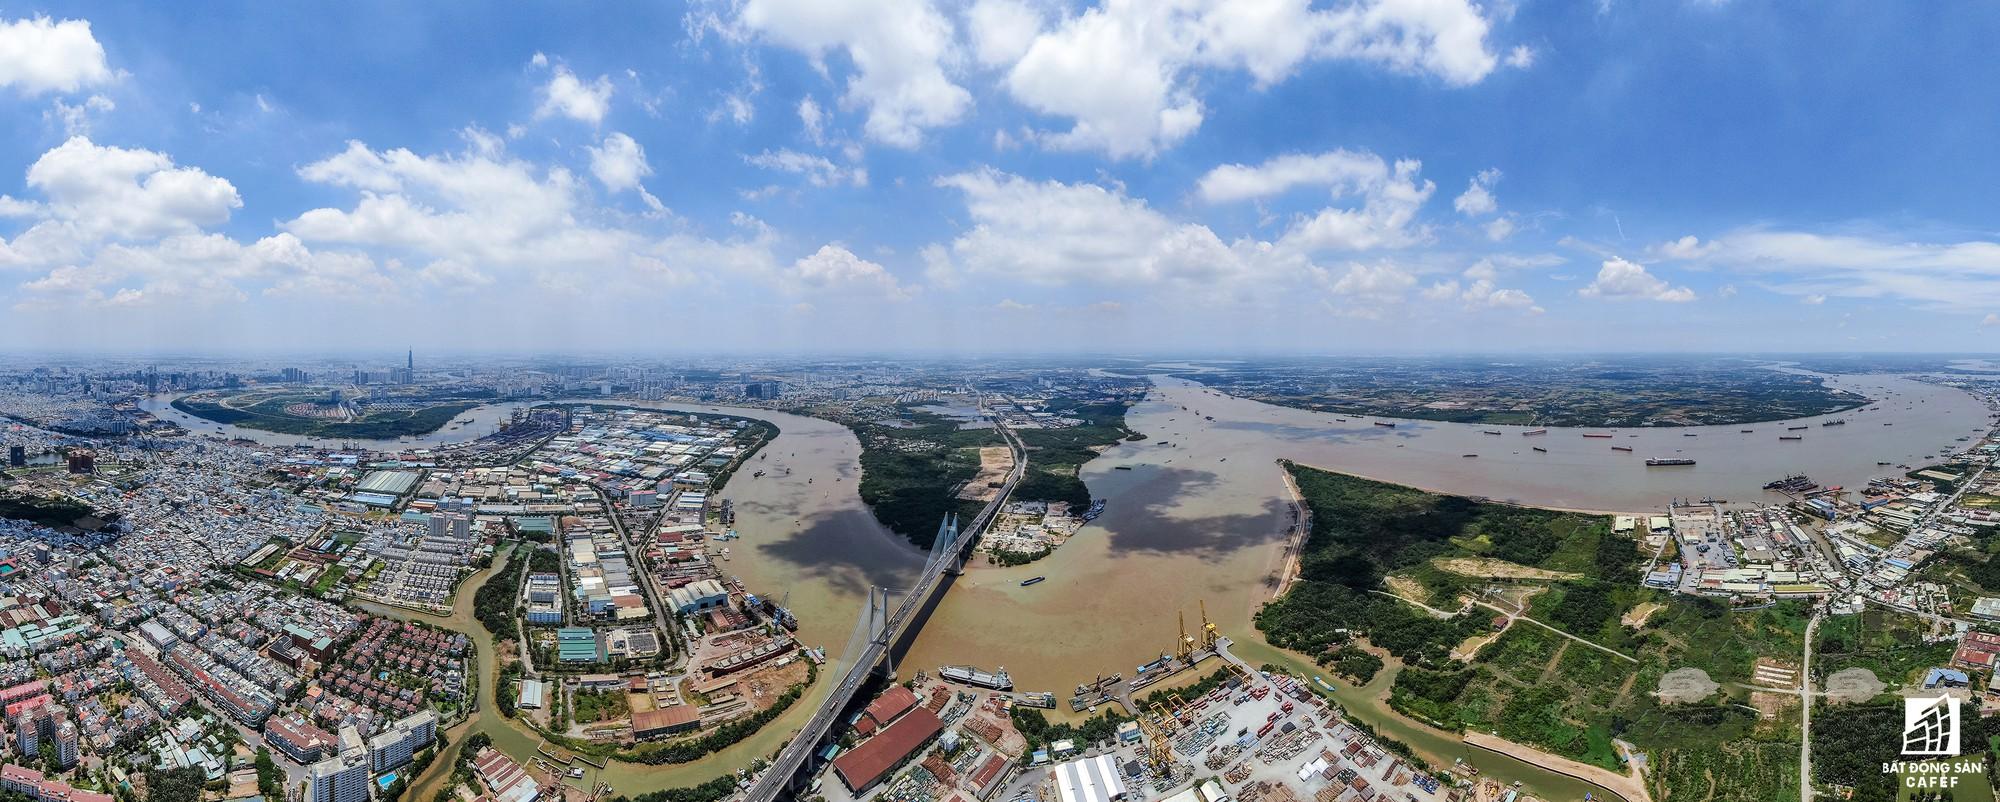 Diện mạo hai bờ sông Sài Gòn tương lai nhìn từ loạt siêu dự án tỷ đô, khu vực trung tâm giá nhà lên hơn 1 tỷ đồng/m2 - Ảnh 10. Diện mạo hai bờ sông Sài Gòn tương lai nhìn từ loạt siêu dự án tỷ đô, khu vực trung tâm giá nhà lên hơn 1 tỷ đồng/m2 Diện mạo hai bờ sông Sài Gòn tương lai nhìn từ loạt siêu dự án tỷ đô, khu vực trung tâm giá nhà lên hơn 1 tỷ đồng/m2 hinh 18 15682749698011807103920